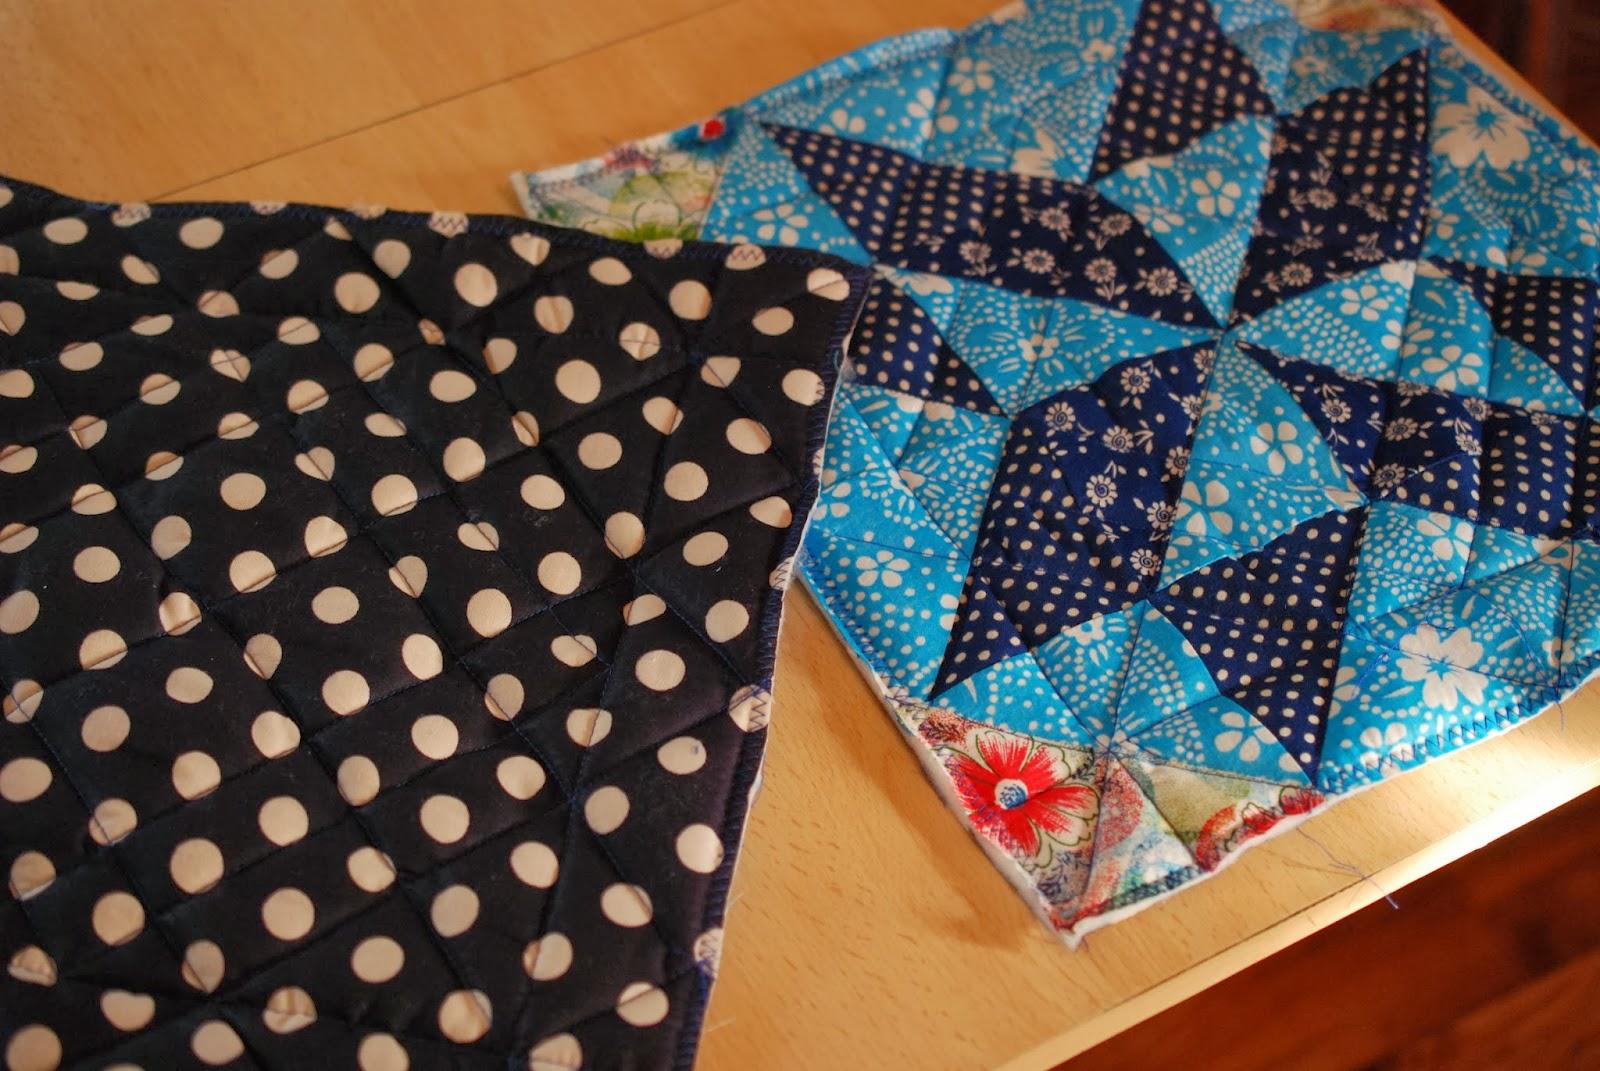 Коврики из лоскутков ткани своими руками: пошаговая инструкция 50